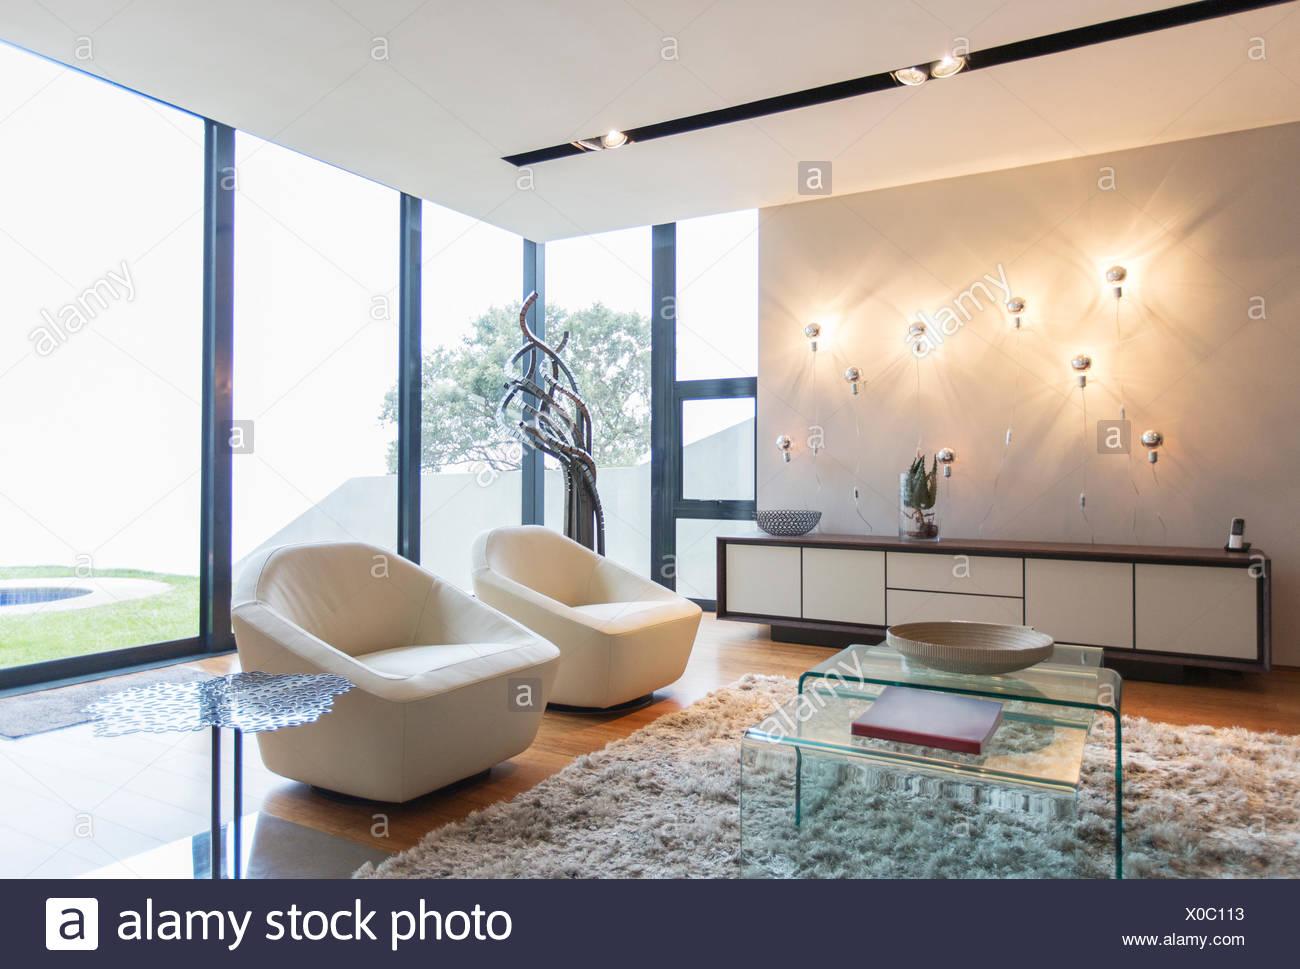 Sessel und Shag Teppich in moderne Wohnzimmer Stockfoto, Bild ...